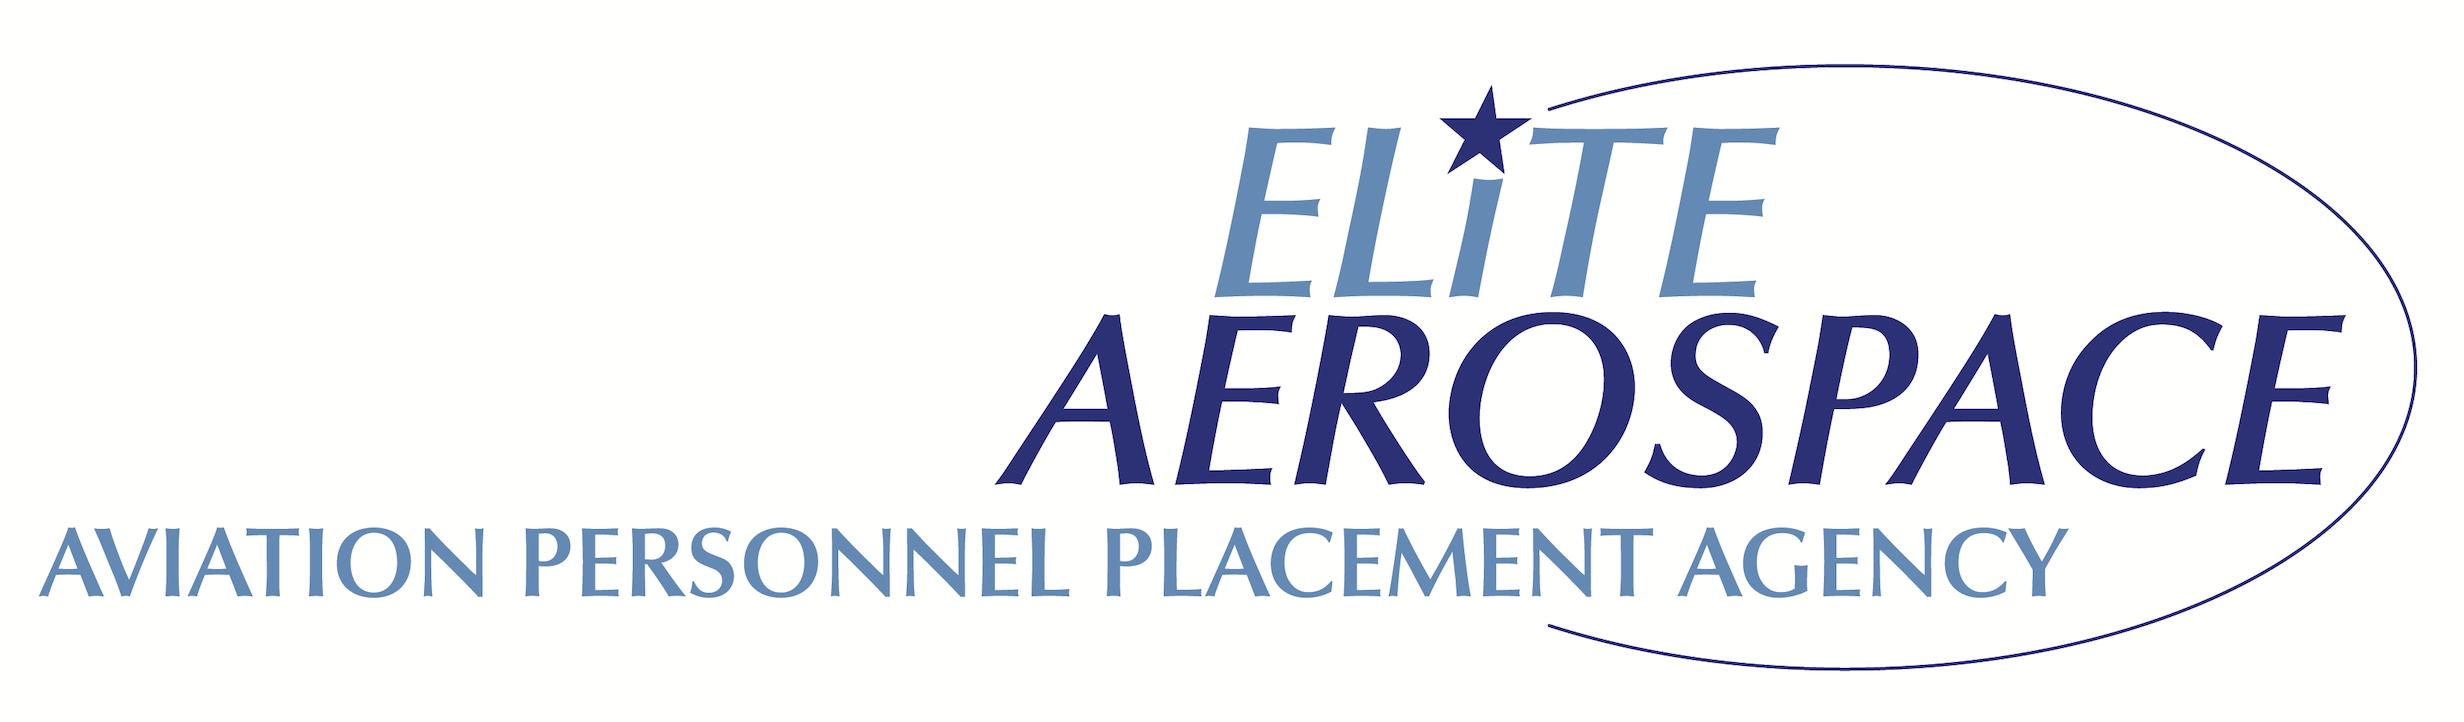 eliteaerospace